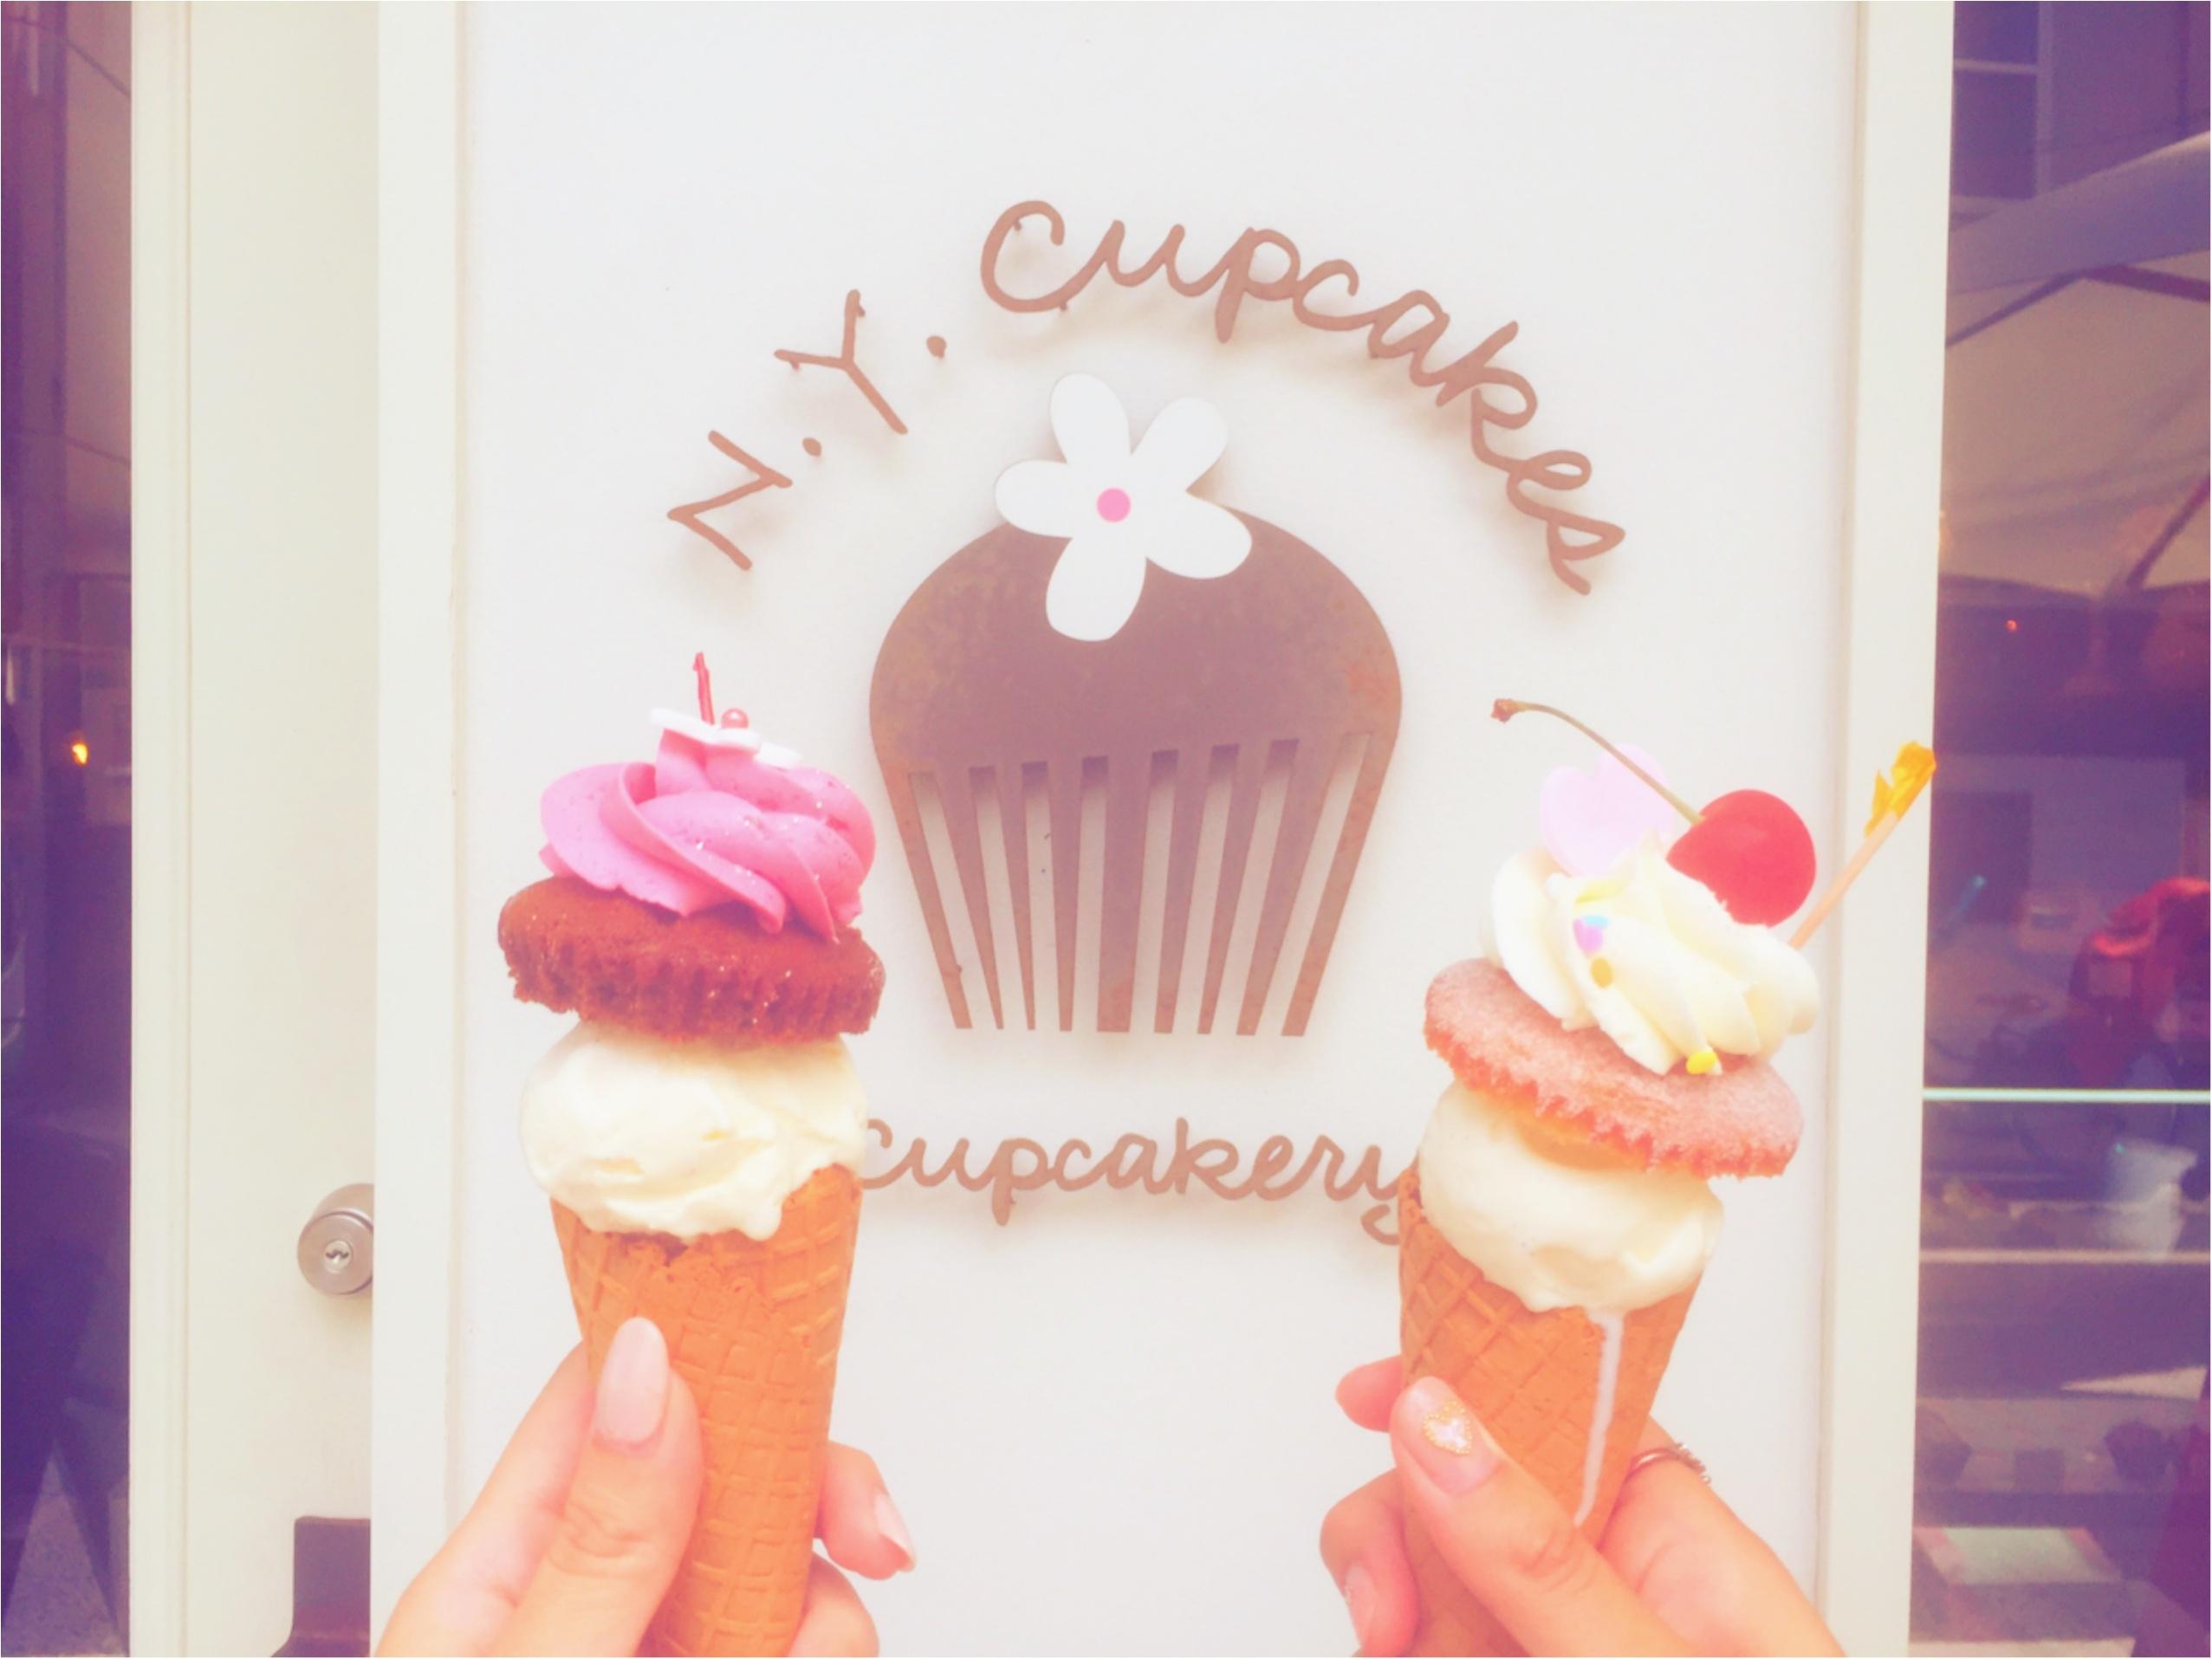 【N.Y. Cupcakes】の夏限定♡アイス+カップケーキが美味しすぎる!_4